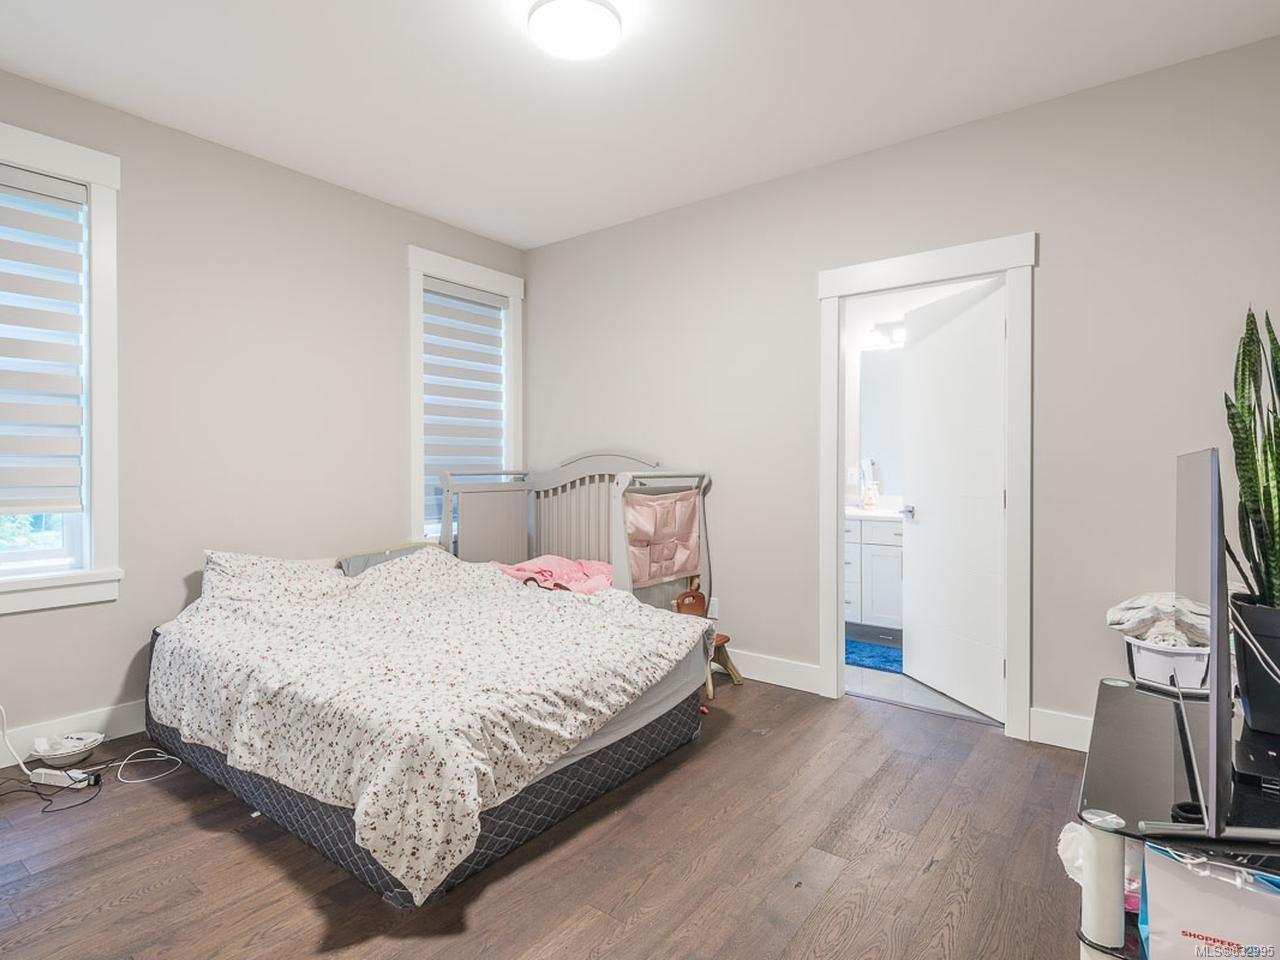 Photo 18: Photos: 5896 Linyard Rd in NANAIMO: Na North Nanaimo House for sale (Nanaimo)  : MLS®# 832995